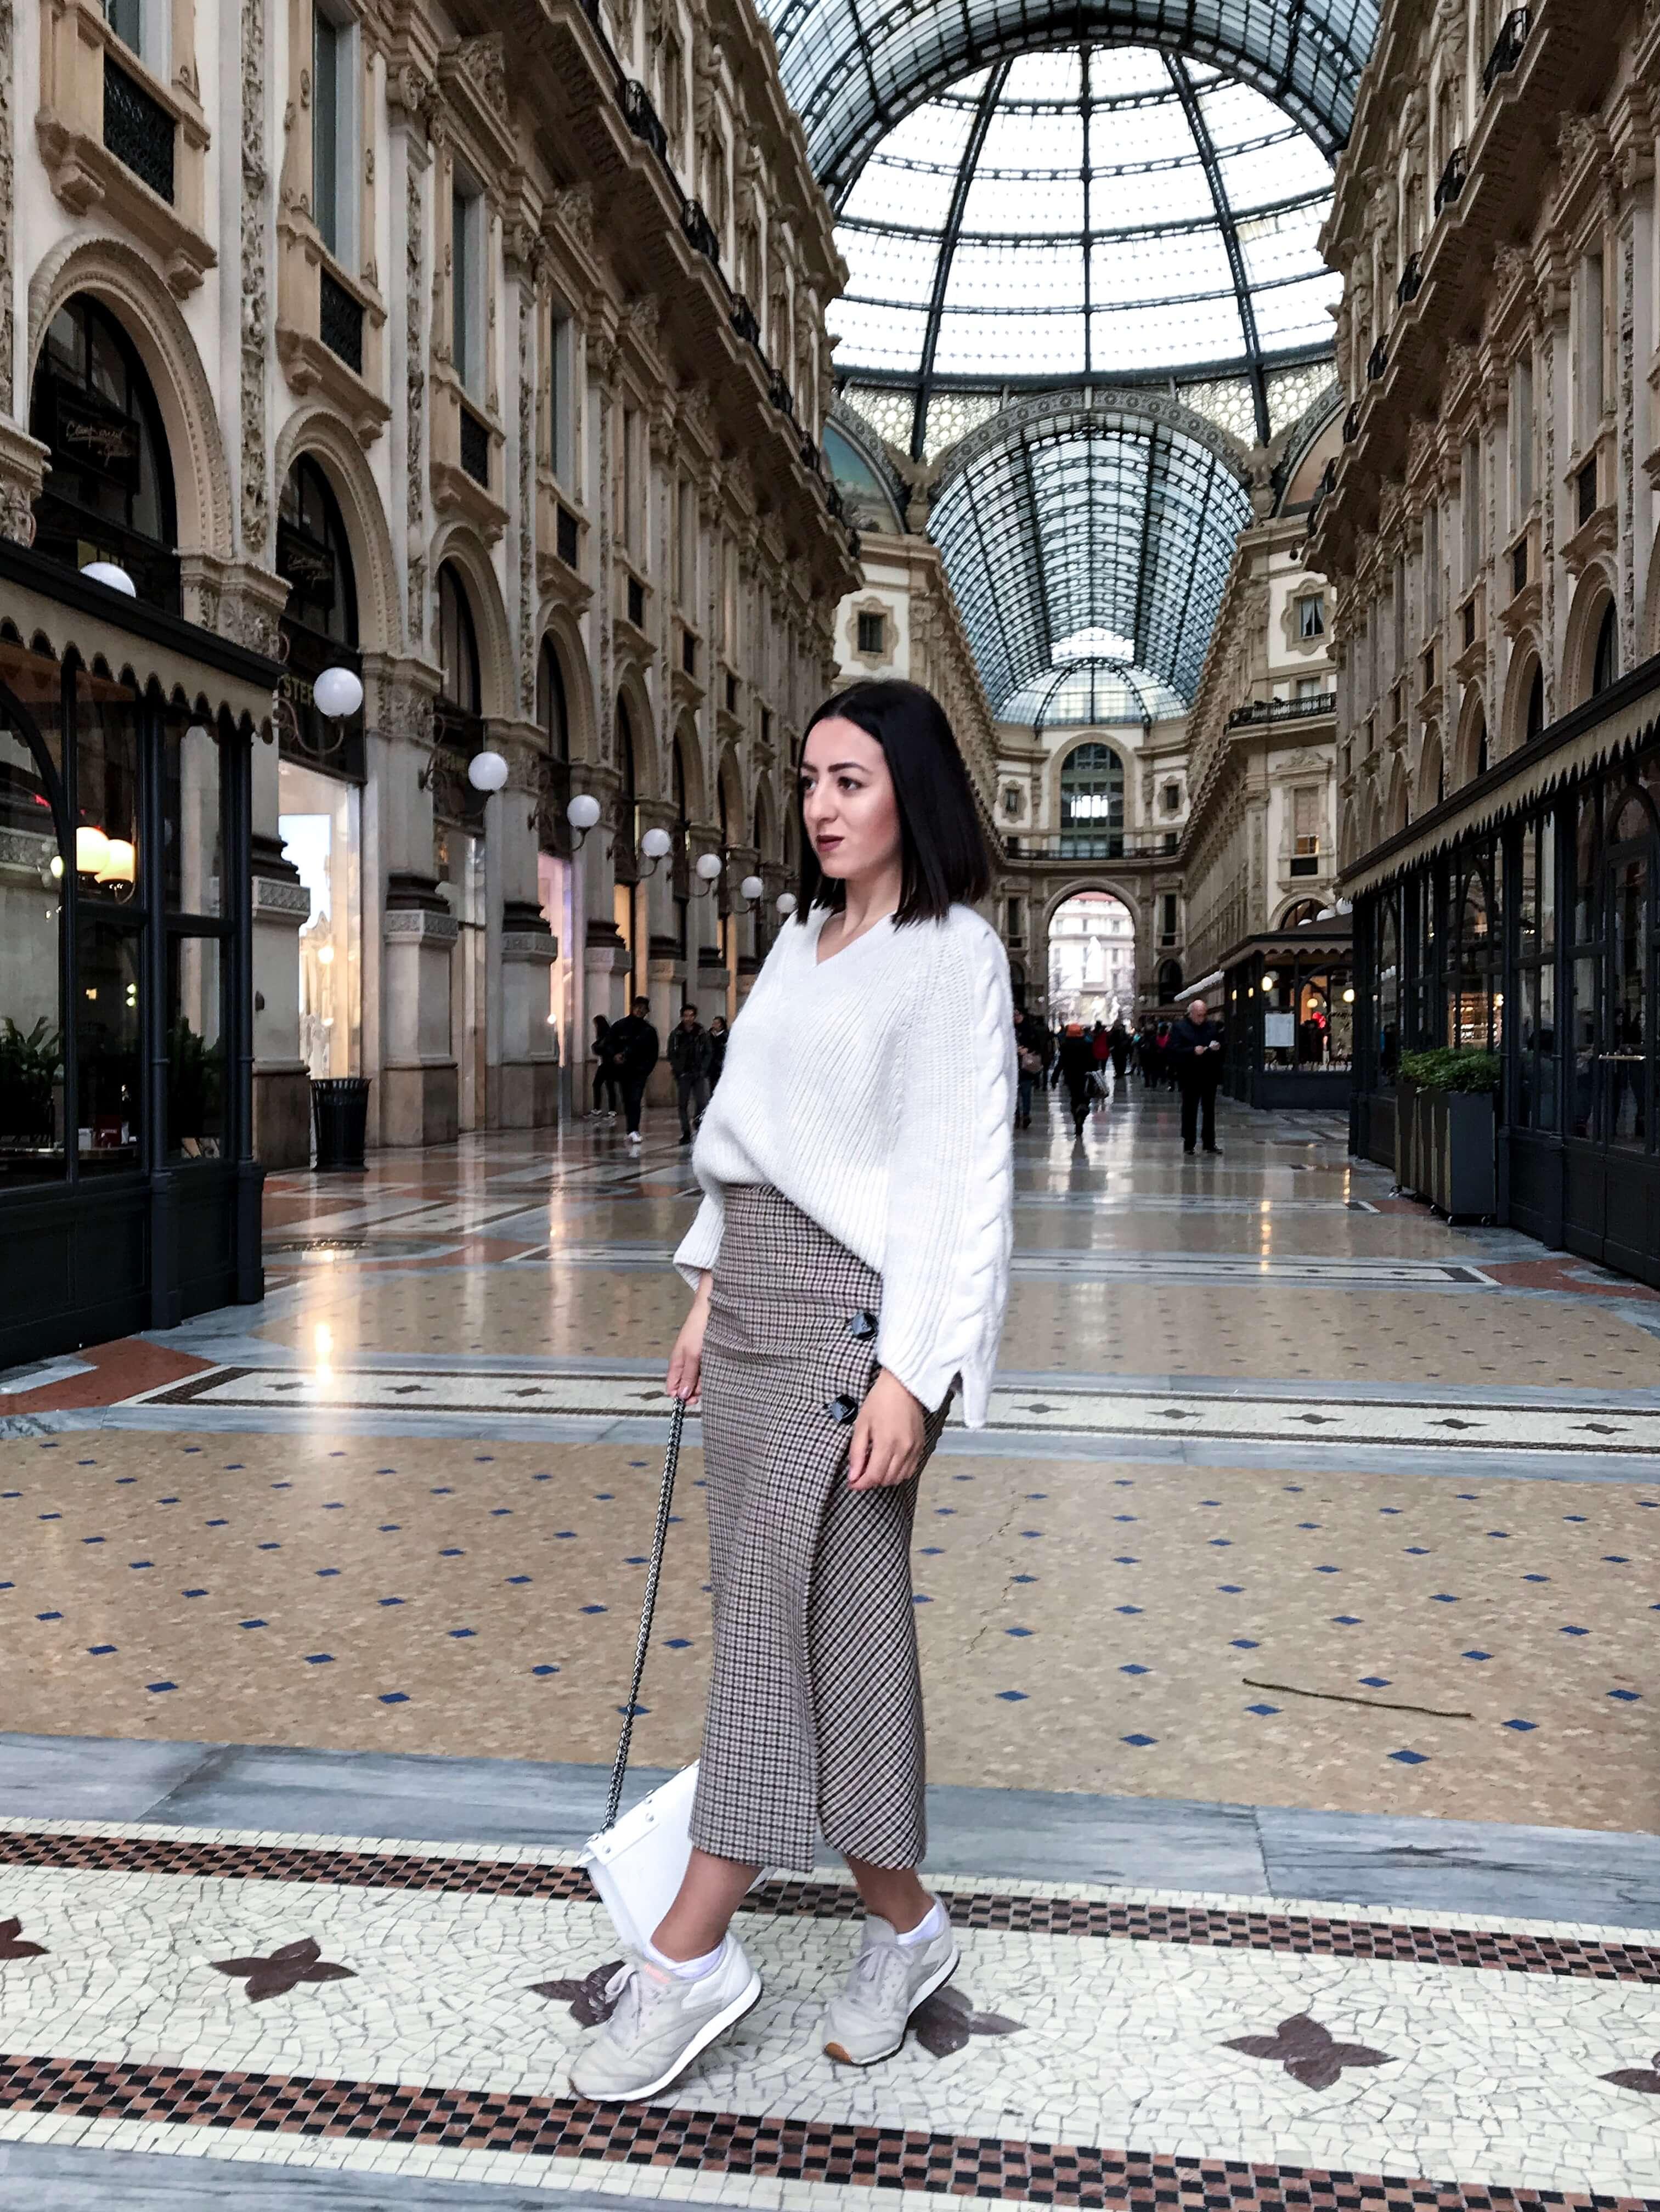 Sehenswürdigkeiten in Mailand